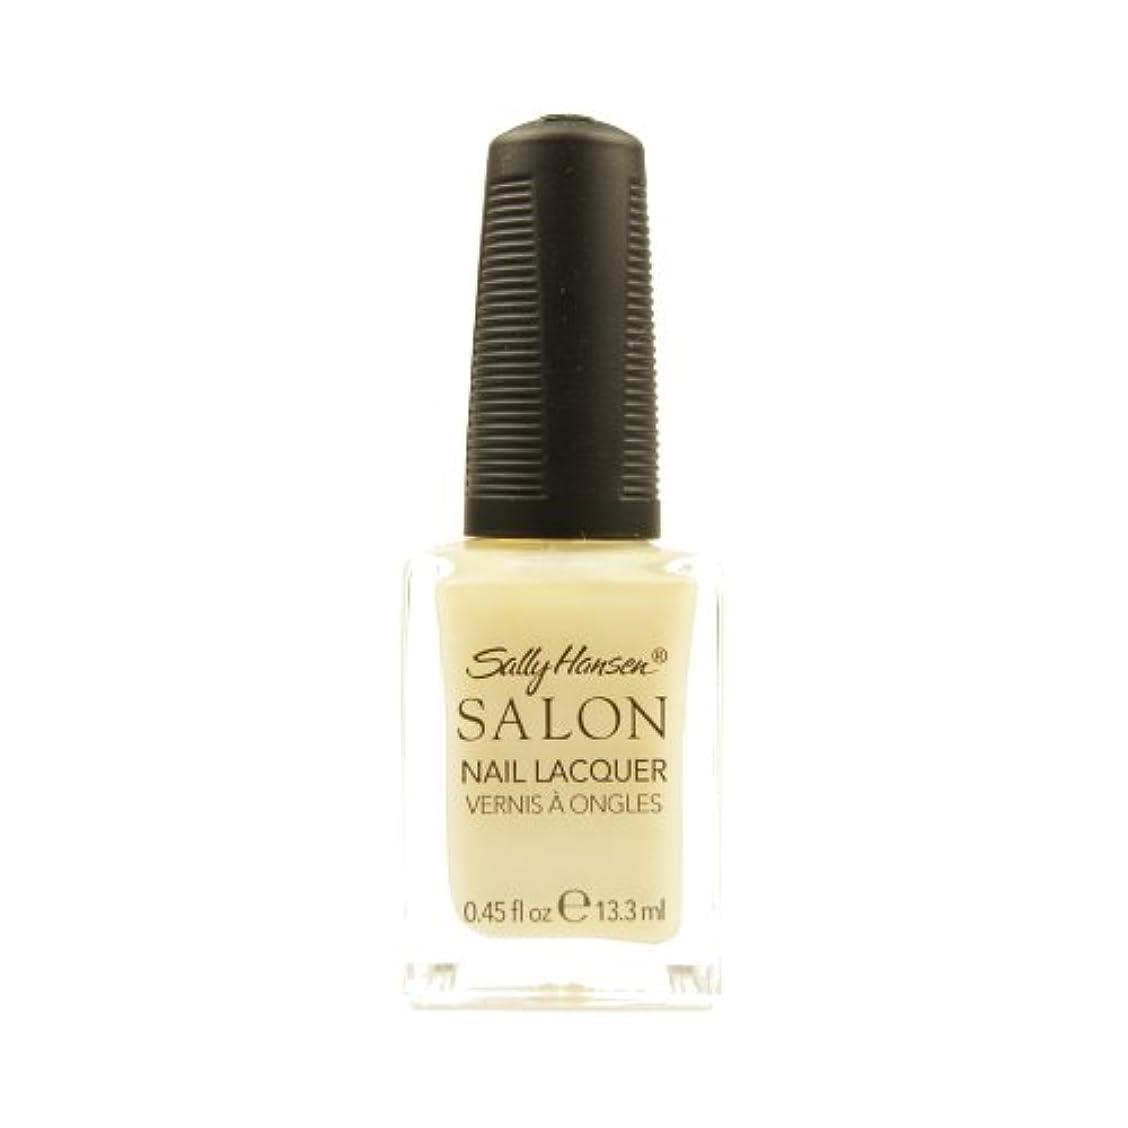 破裂手を差し伸べる億SALLY HANSEN Salon Nail Lacquer 4134 - Sheer Pressure (並行輸入品)